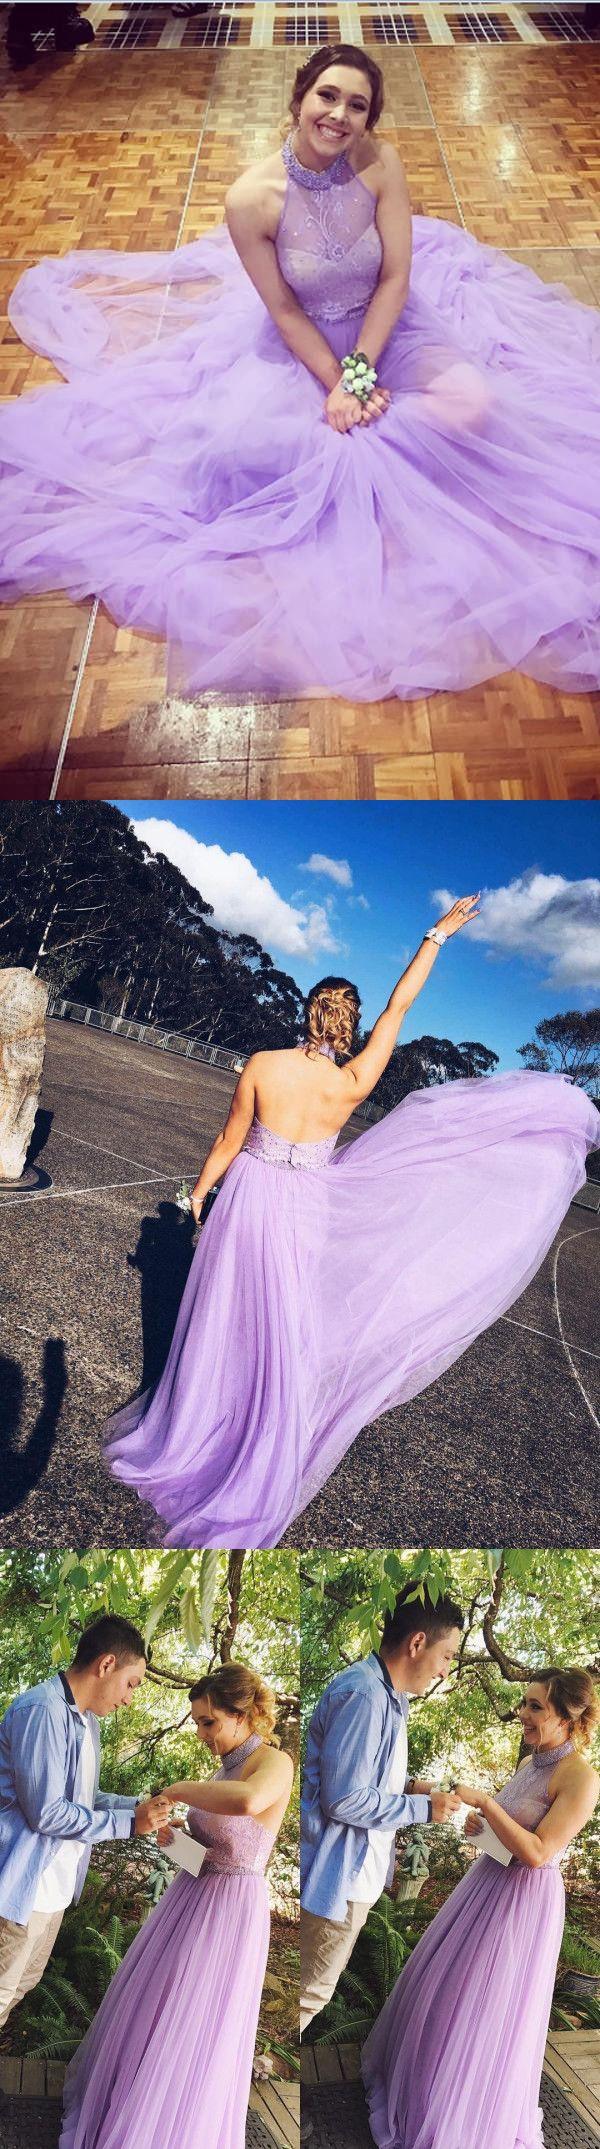 11 mejores imágenes de Daniel y Desiree BACHATA en Pinterest | Baile ...